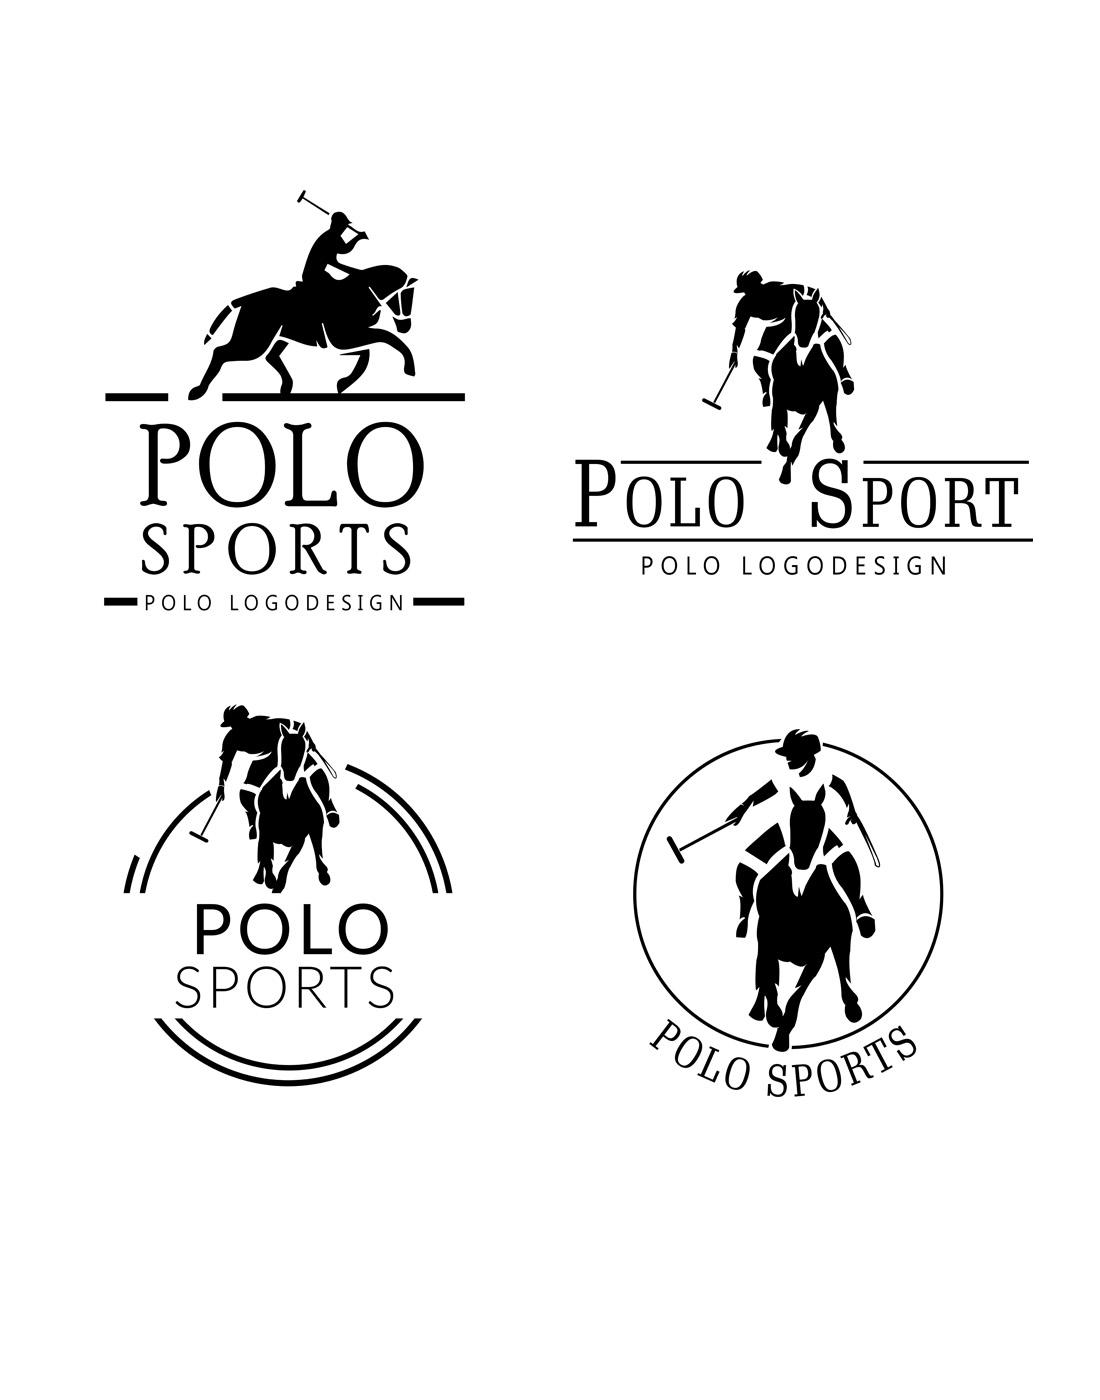 polo vector logo templates